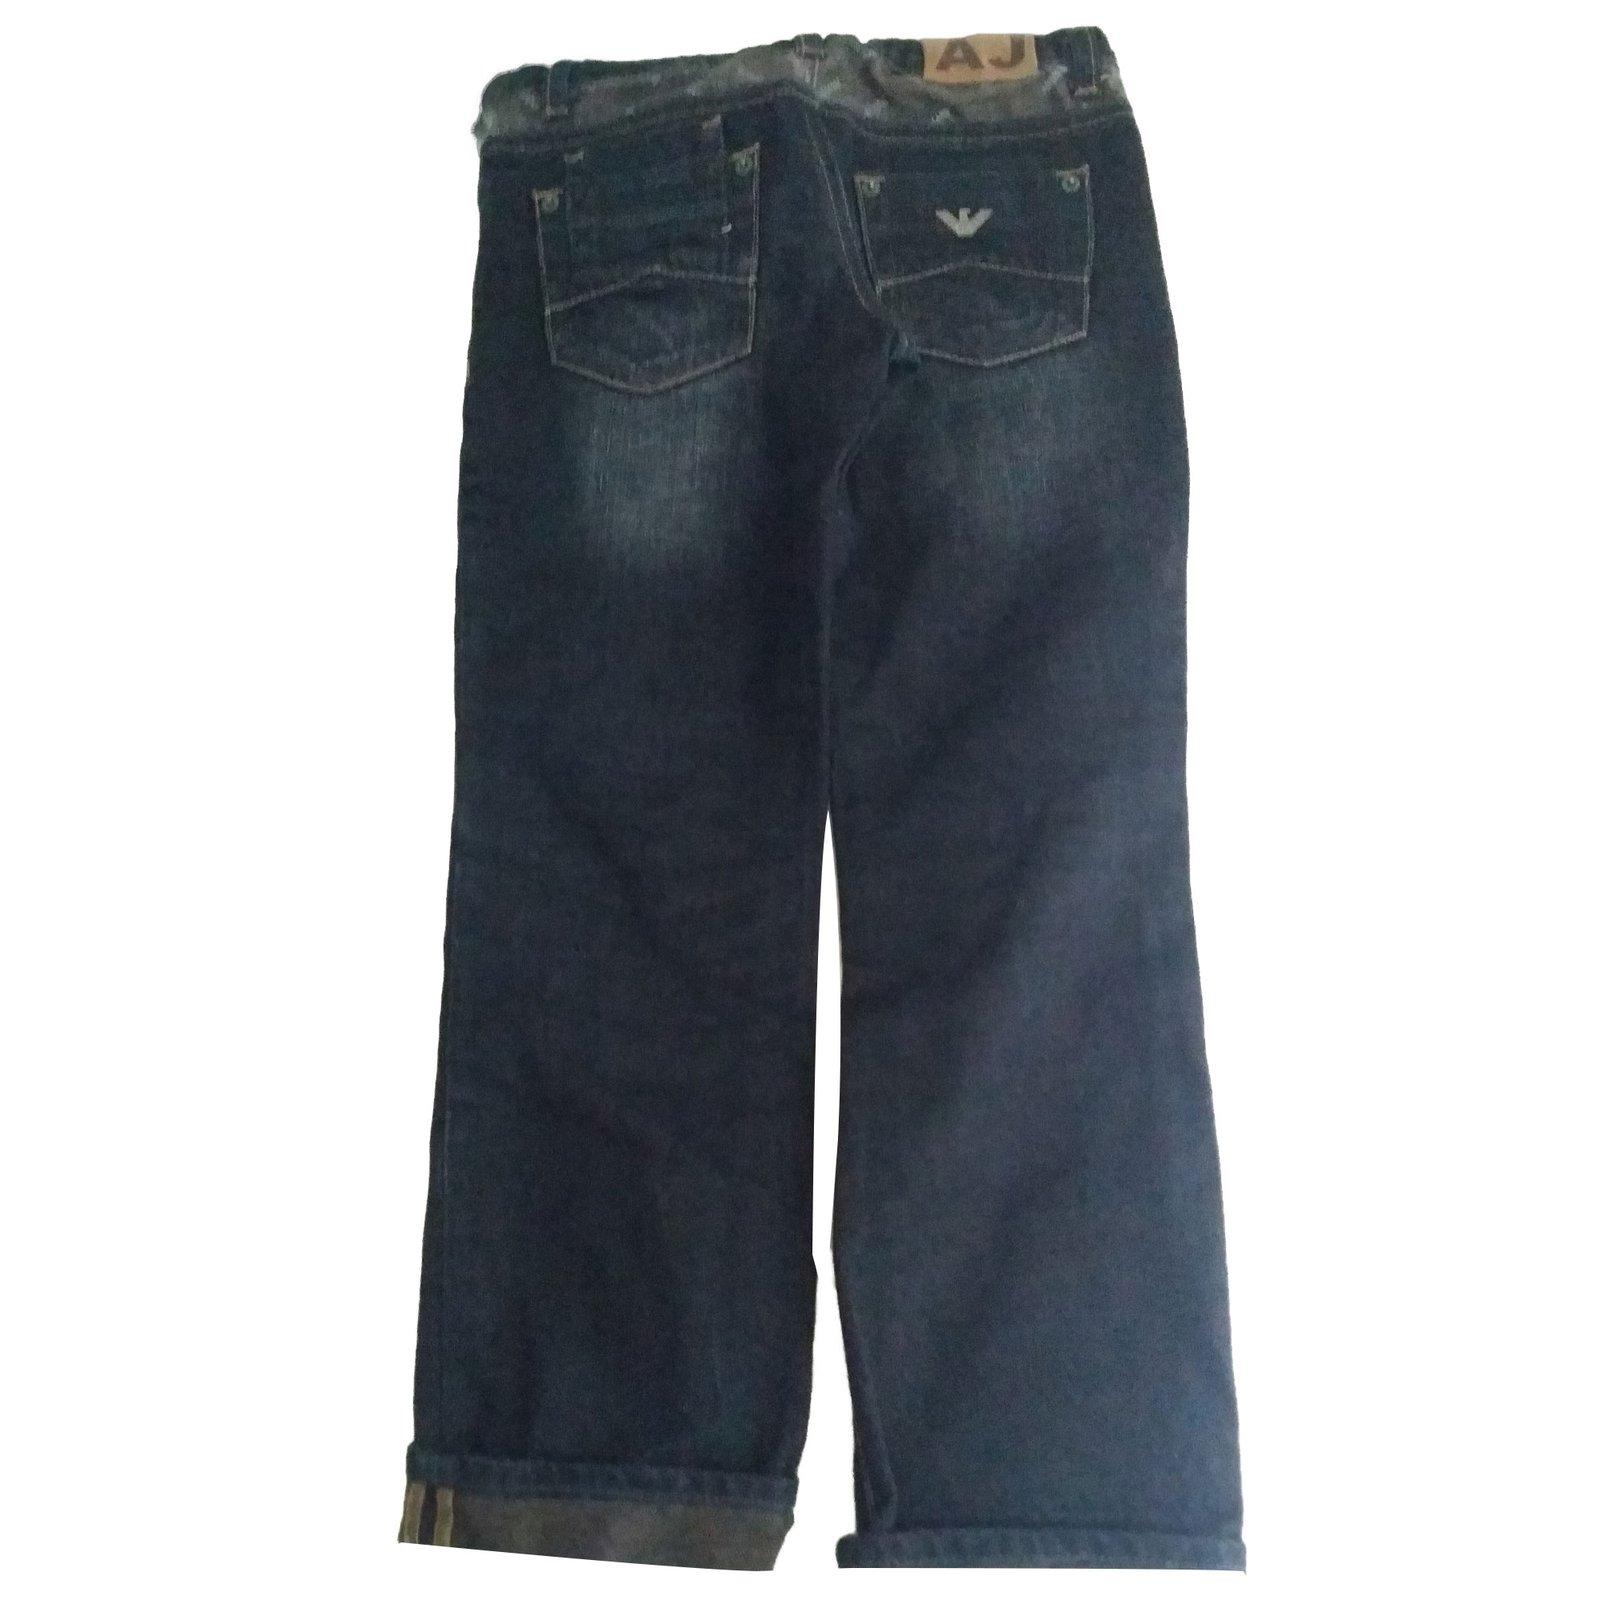 Garçon Pantalons Ref Jean Bleu bleu Armani Marine dPvPgw